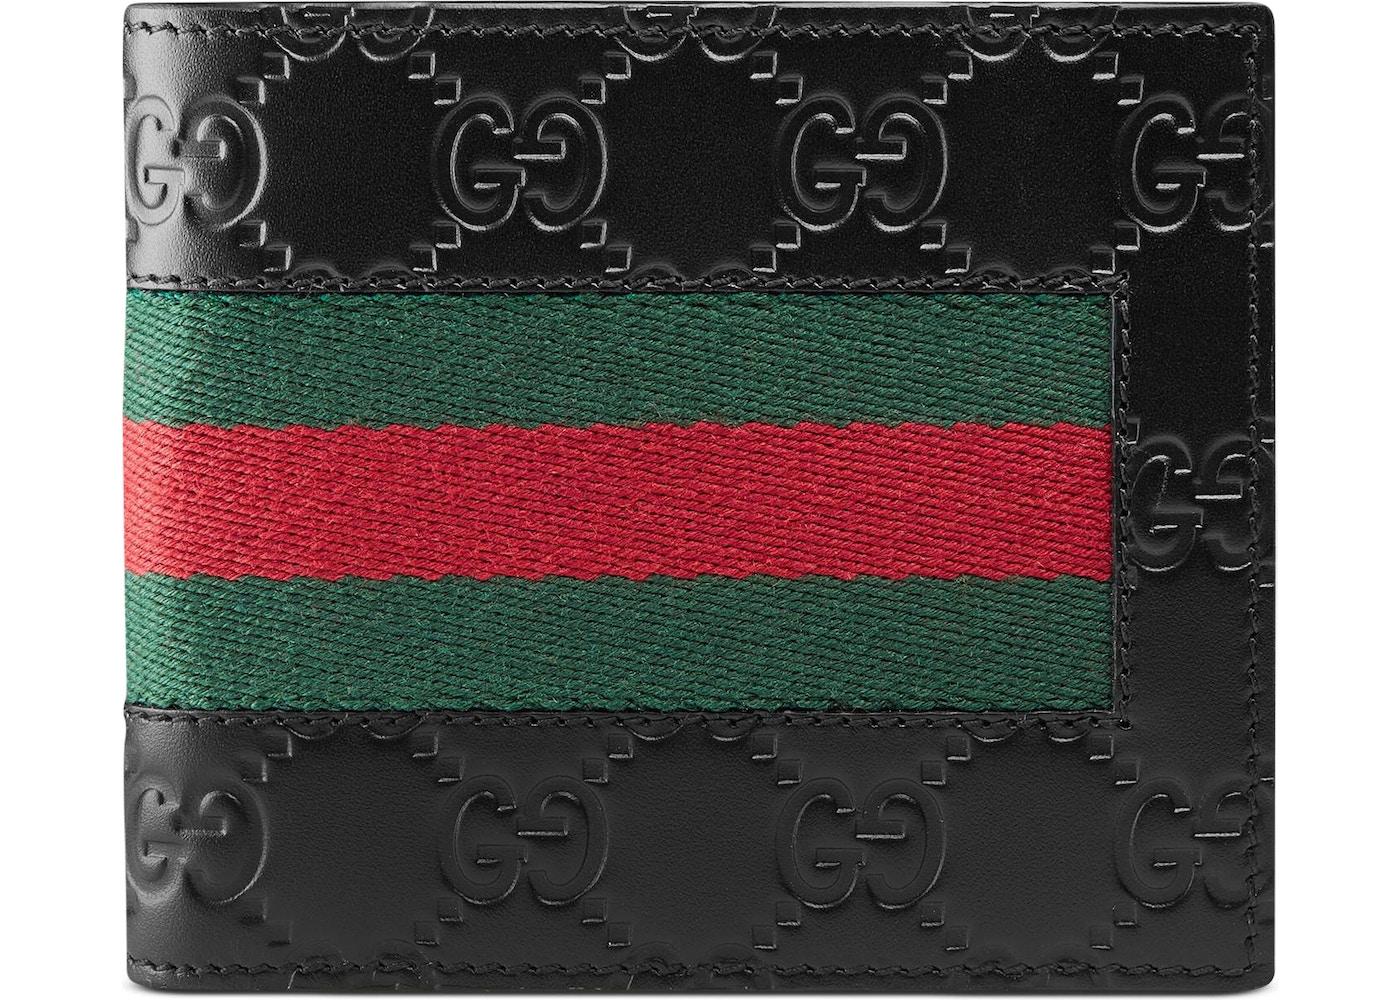 3d6425c1f622 Gucci Bifold Wallet Signature Web (8 Card Slots) Black